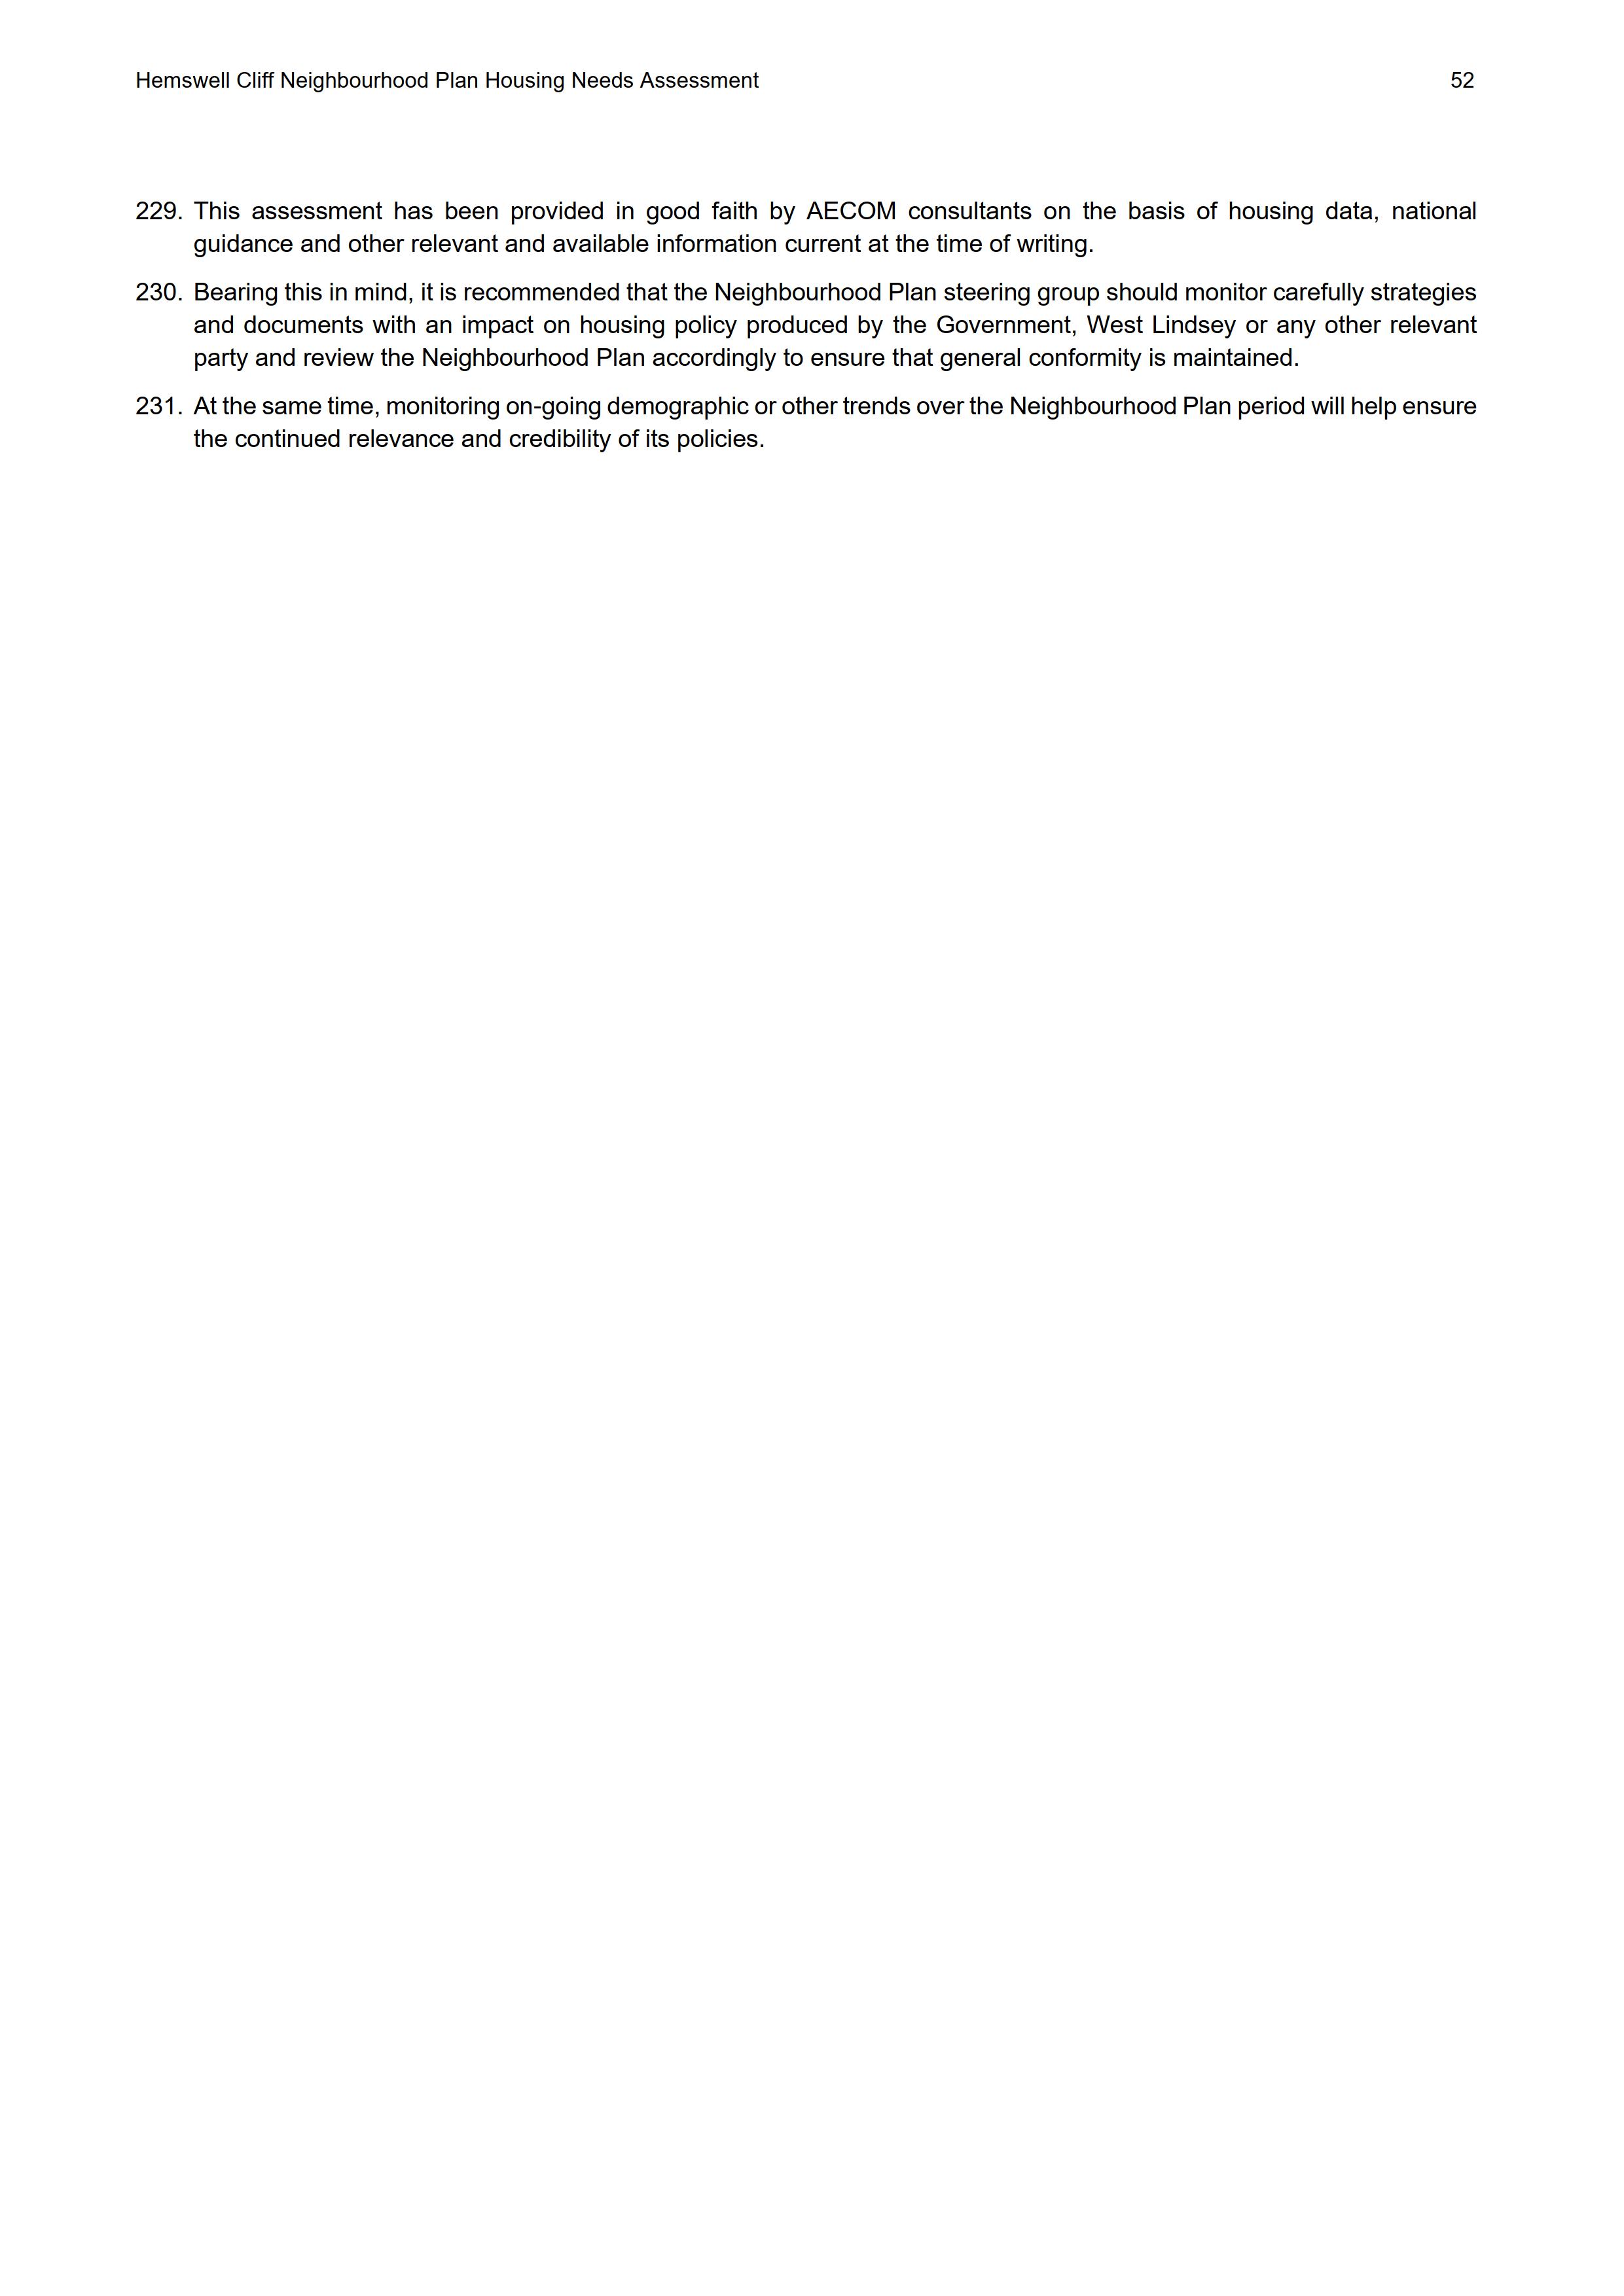 Hemswell_Cliff_Housing_Needs_Assessment_Final_52.png